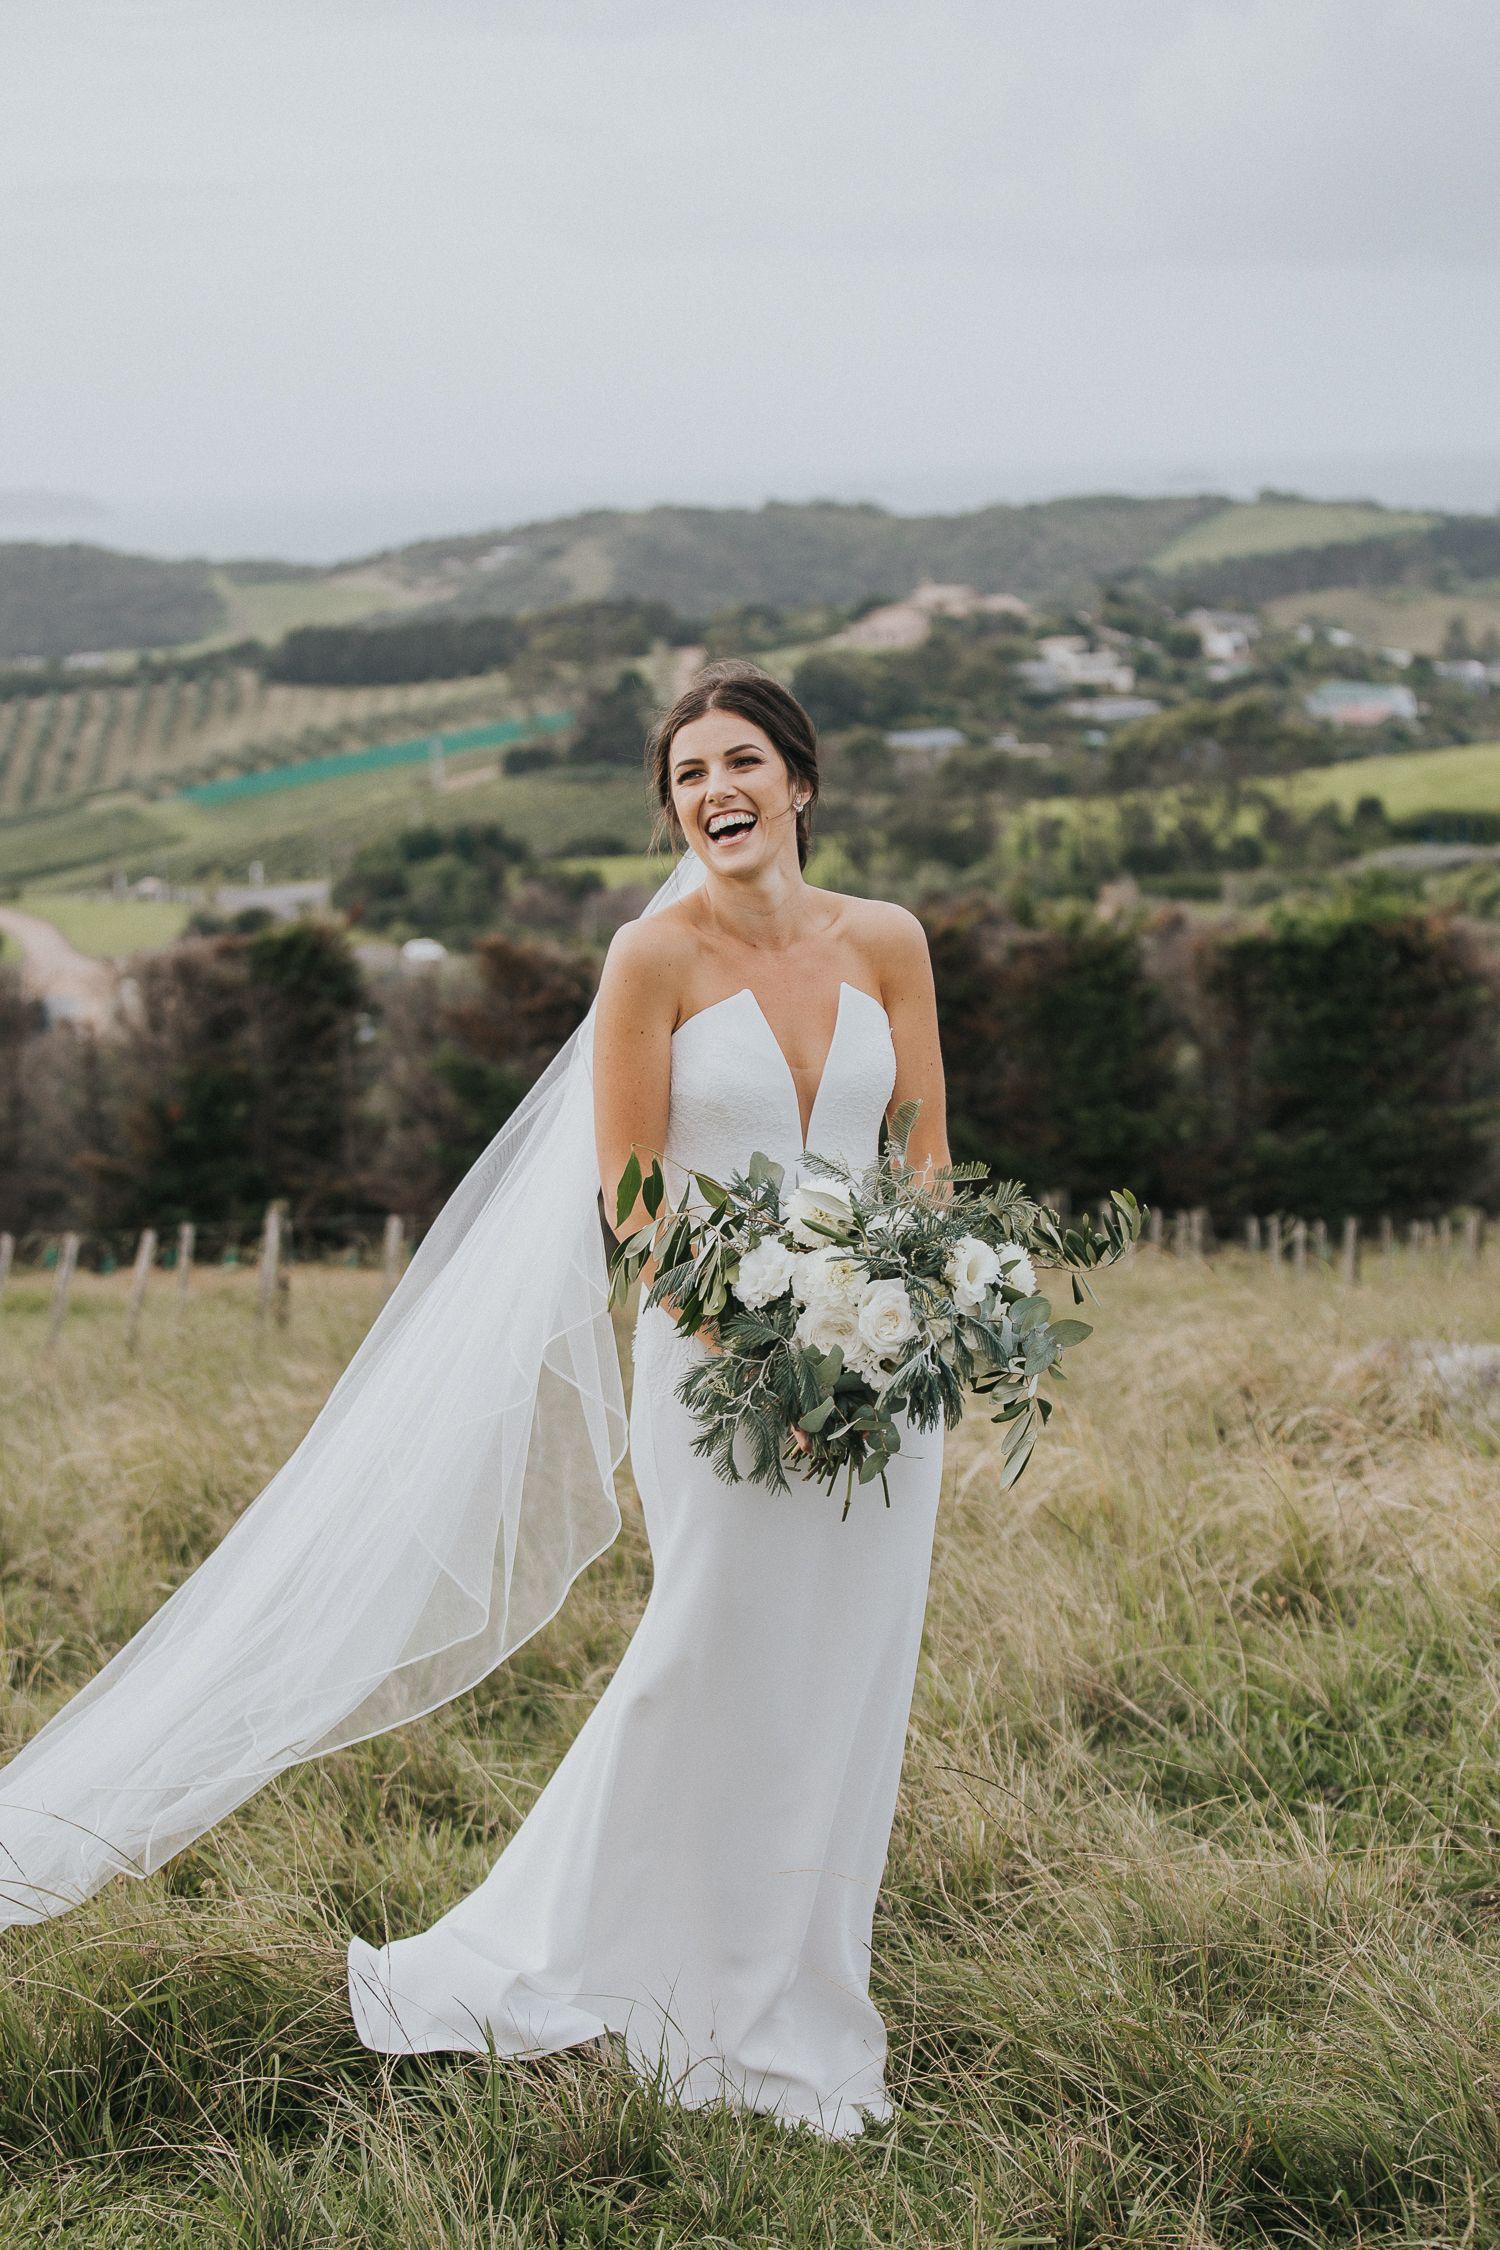 27+ Wedding dresses under 2000 nz information